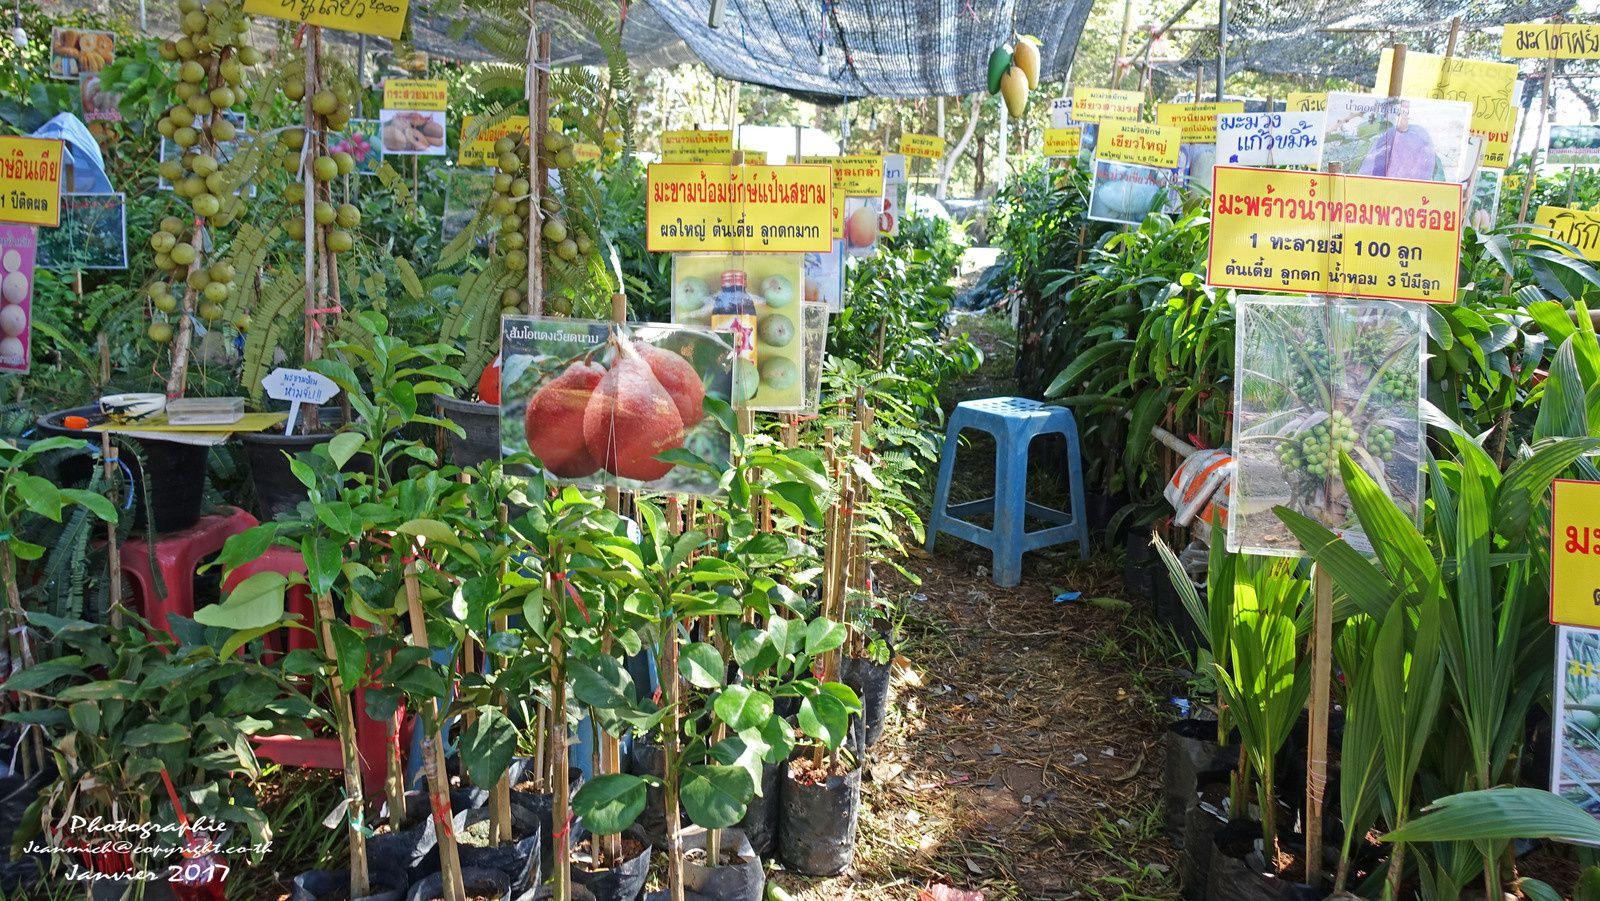 Foire agricole de Khon Kaen (Thaïlande) les essences Durian et Sapodilla.